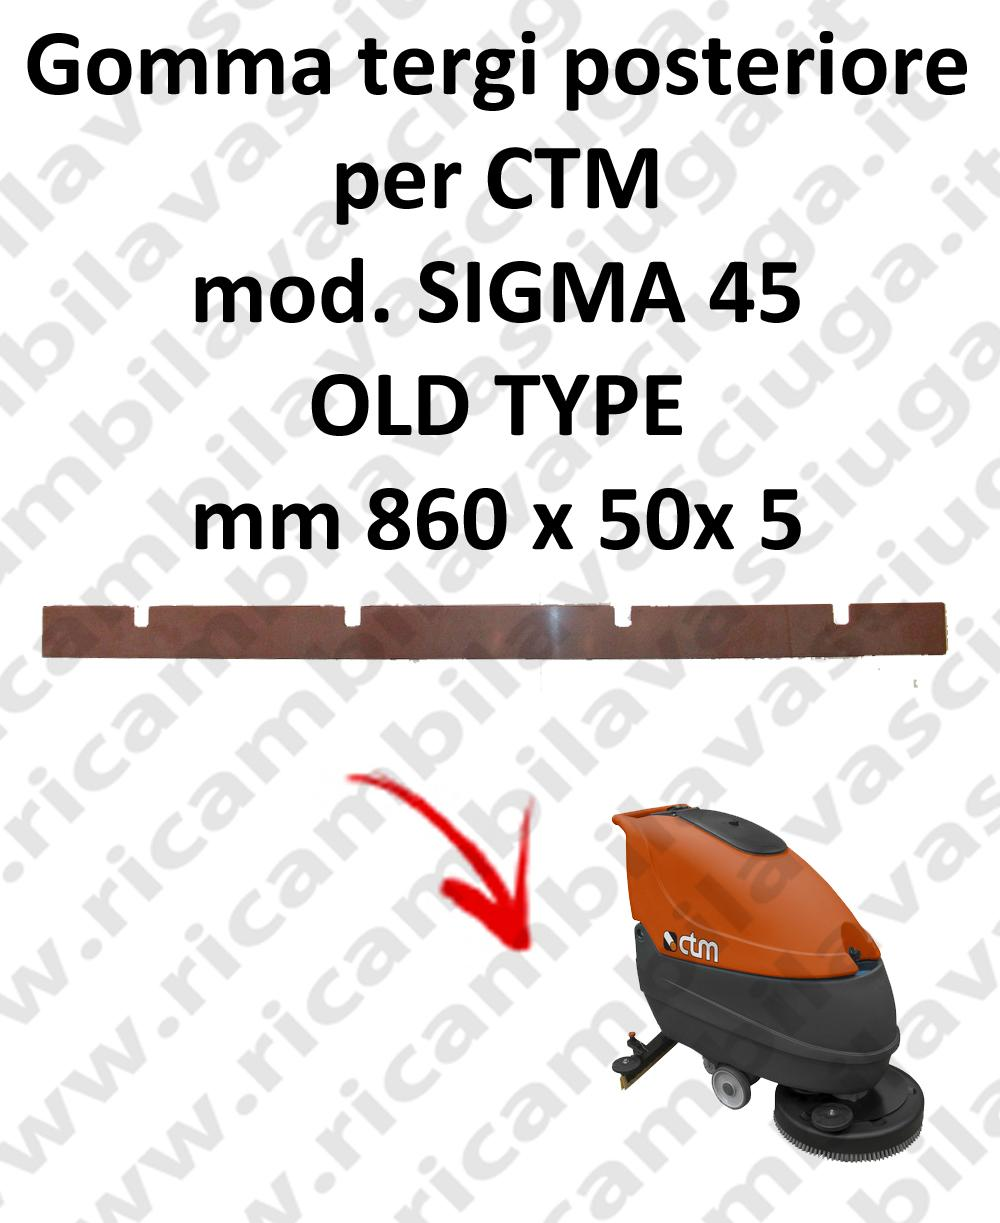 SIGMA 45 OLD TYPE GOMMA TERGI posteriore per CTM